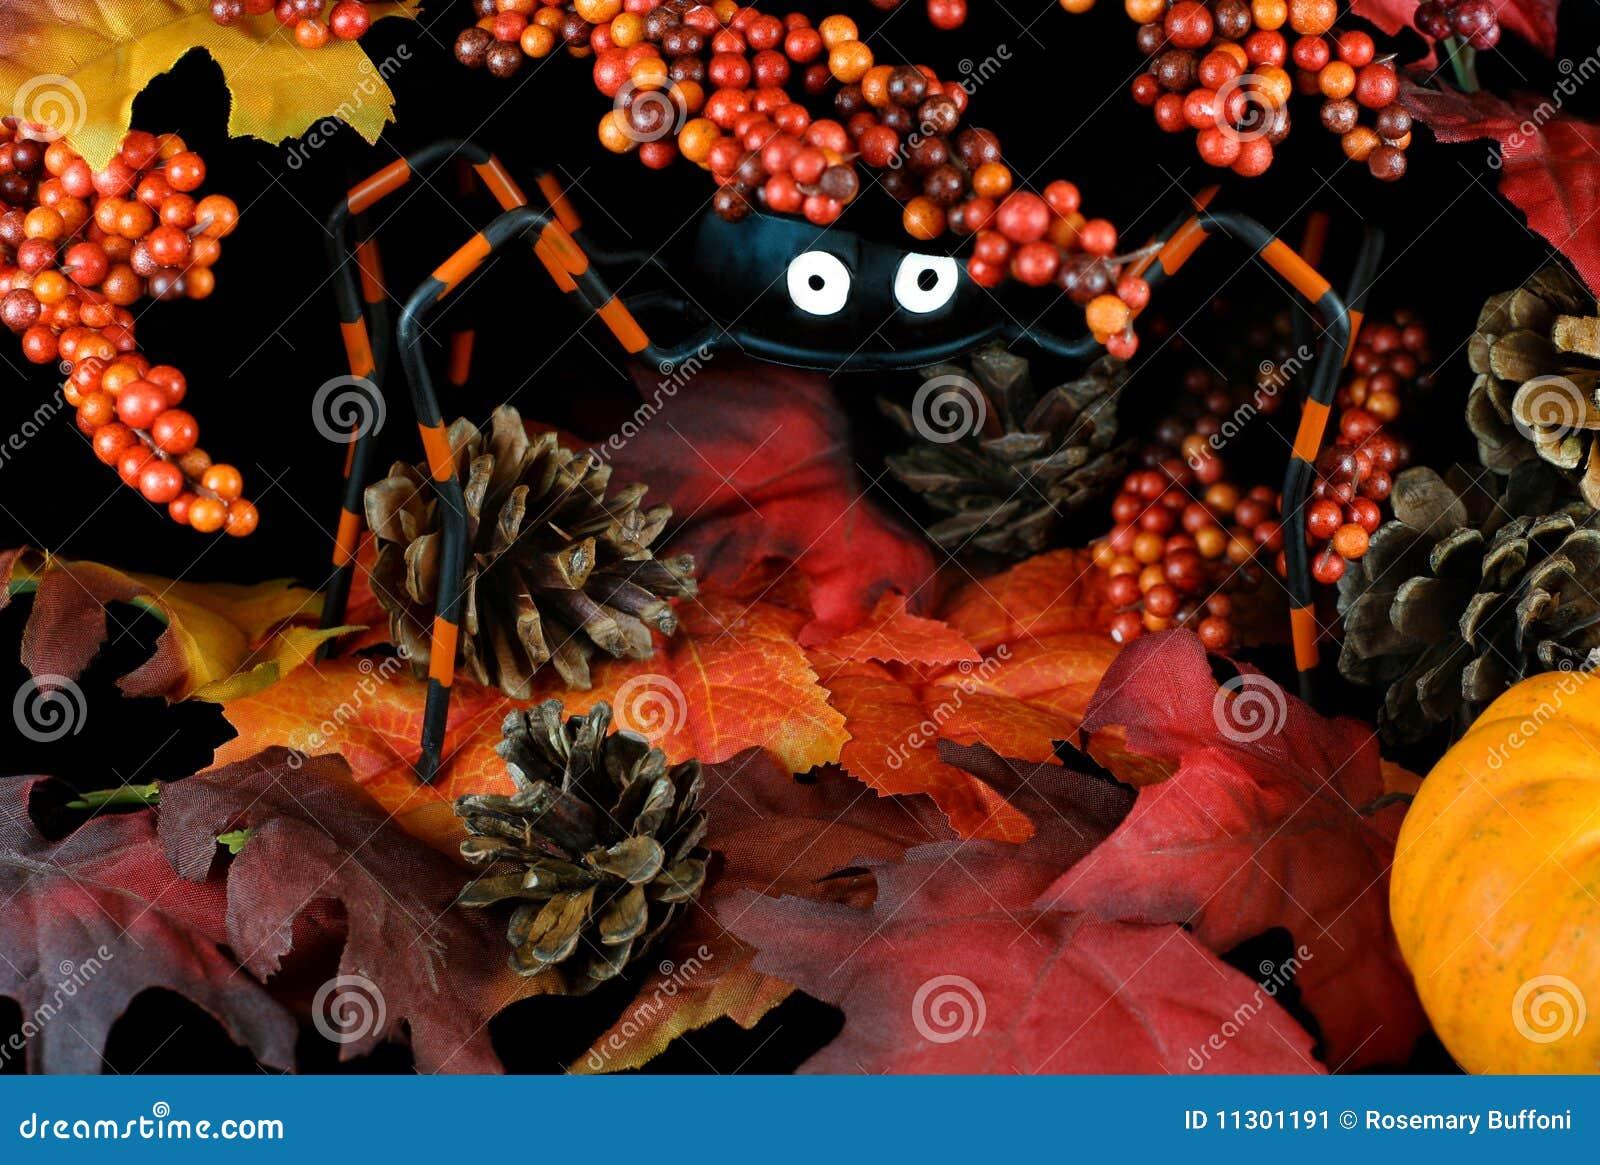 Wunderliche Halloween-Spinne in den Blättern und in den Beeren